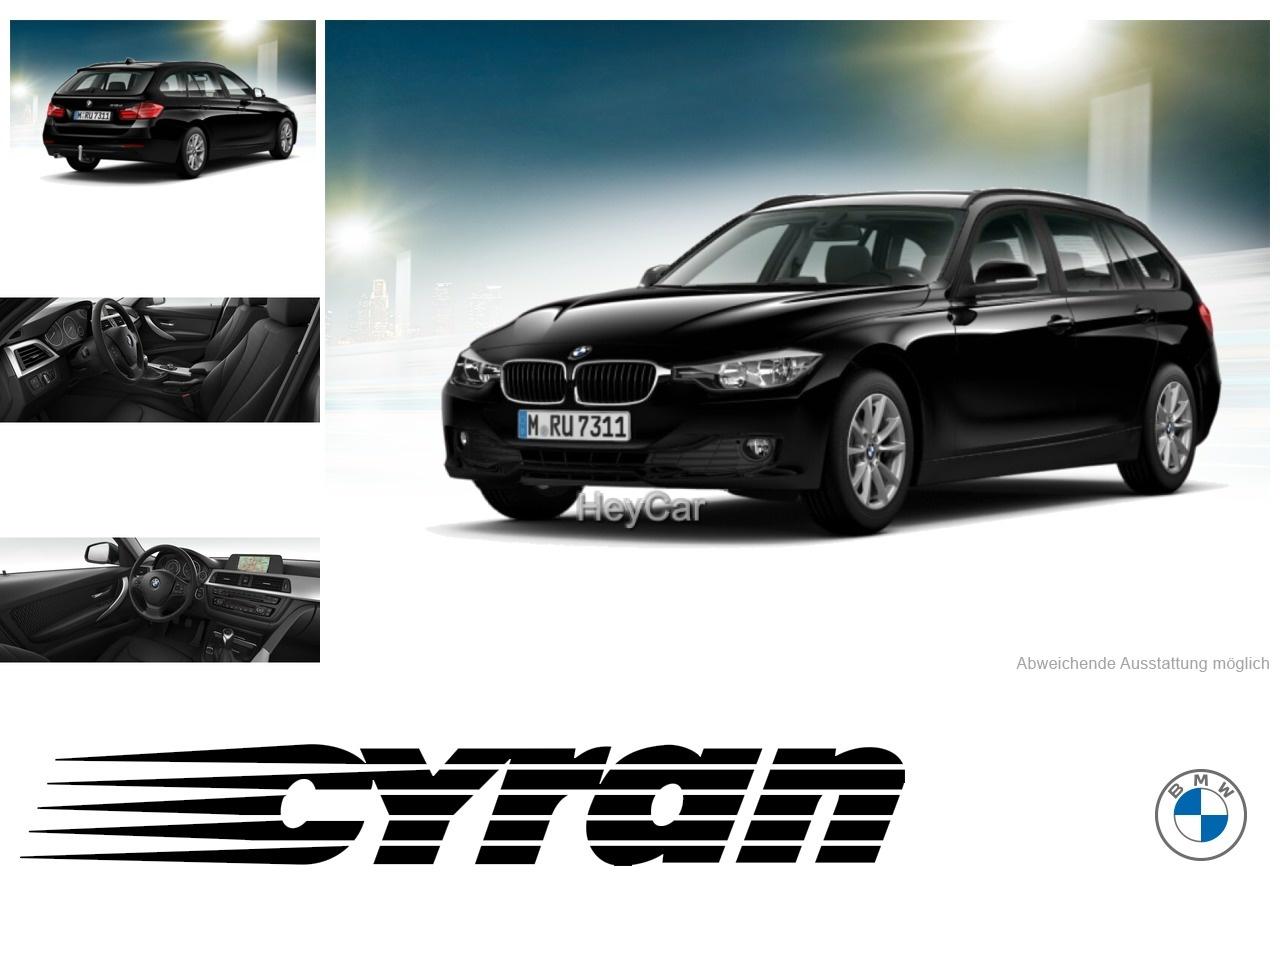 BMW 318d Touring Navi Klimaaut. PDC Sitzhzg. AHK, Jahr 2014, Diesel